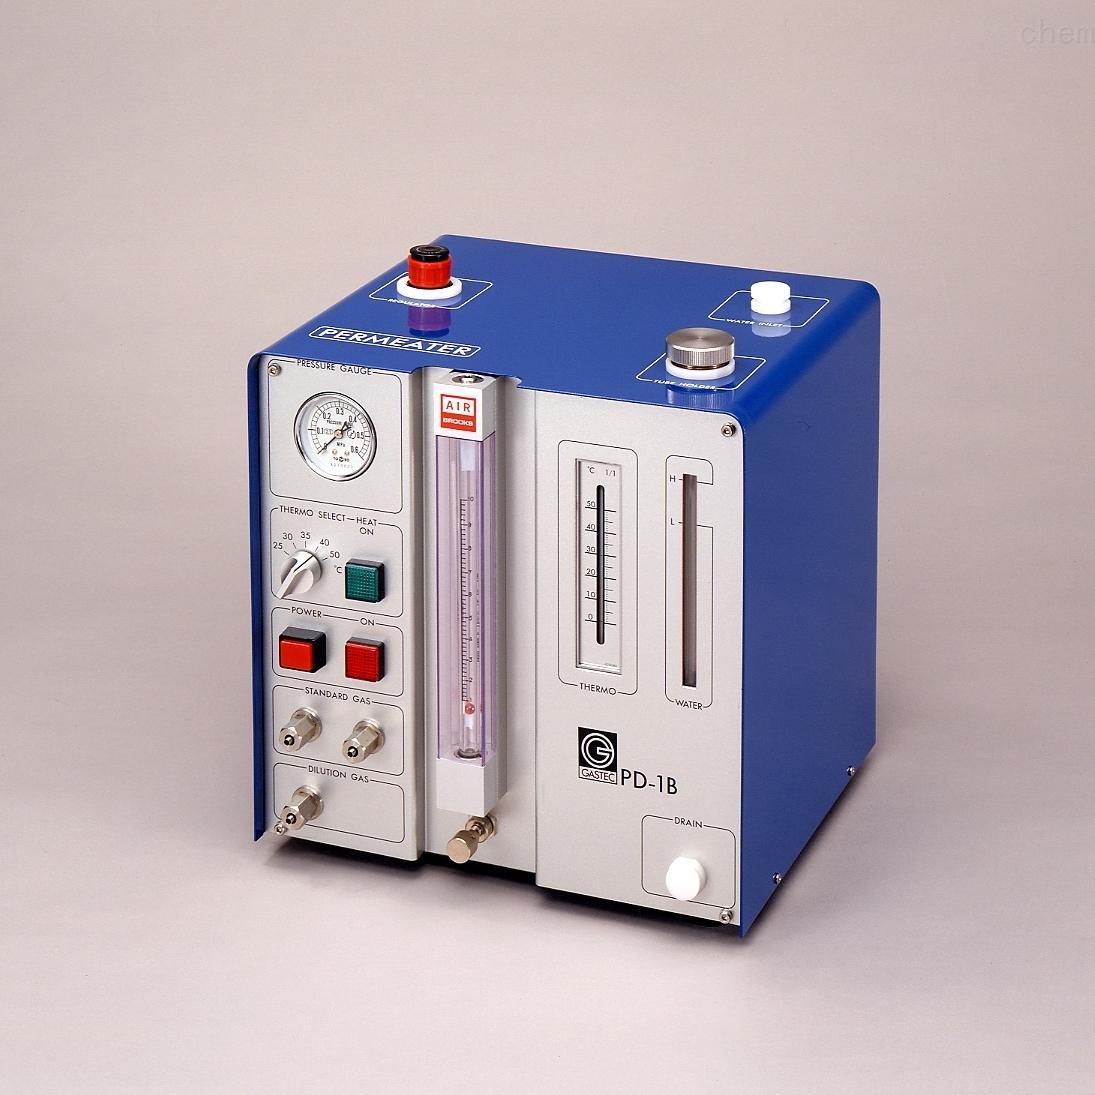 GASTEC动态配气仪